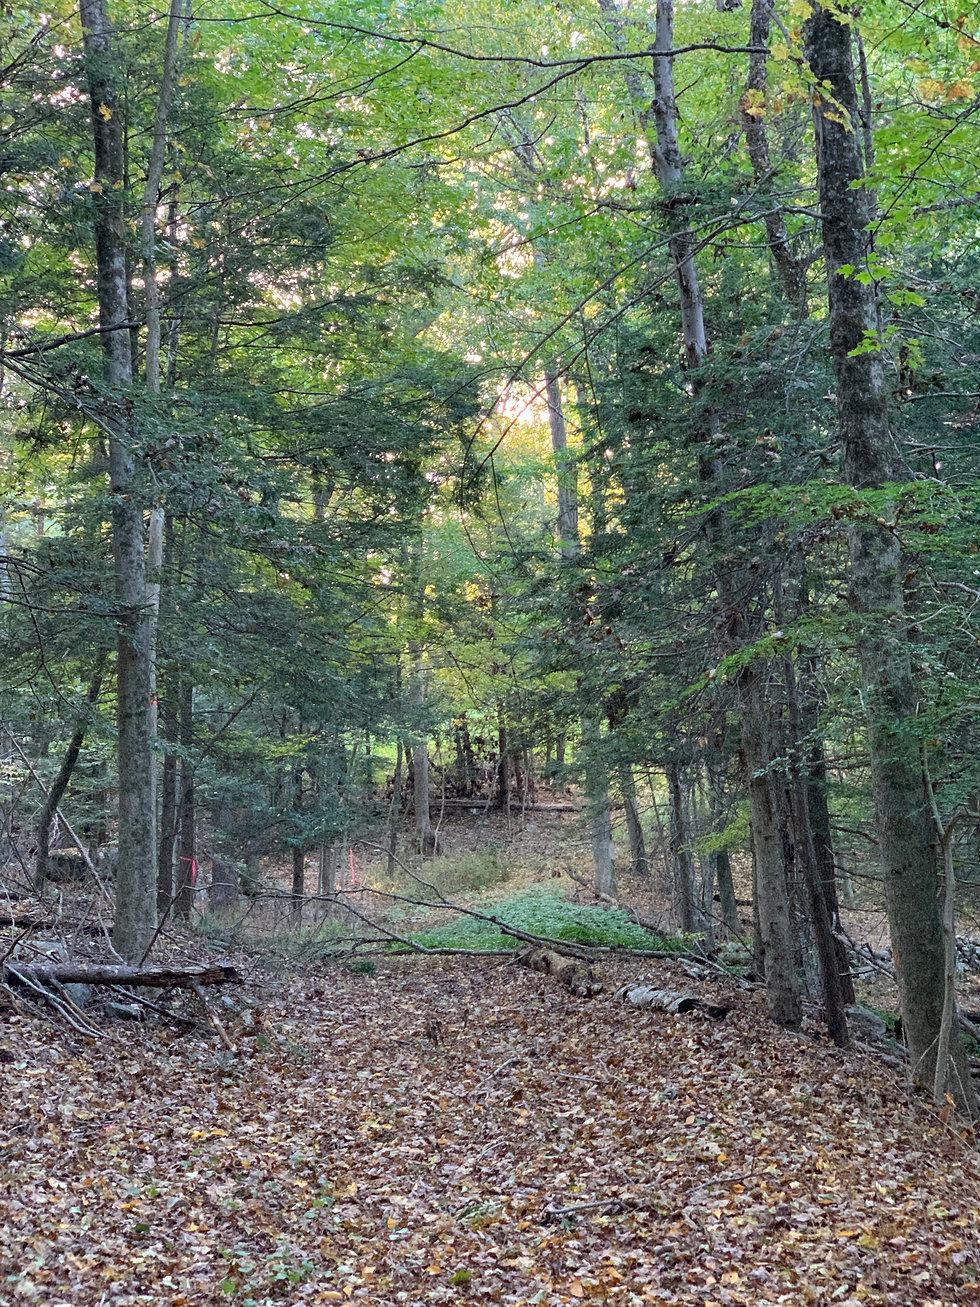 nrvt_trail_section_redding_04.JPG